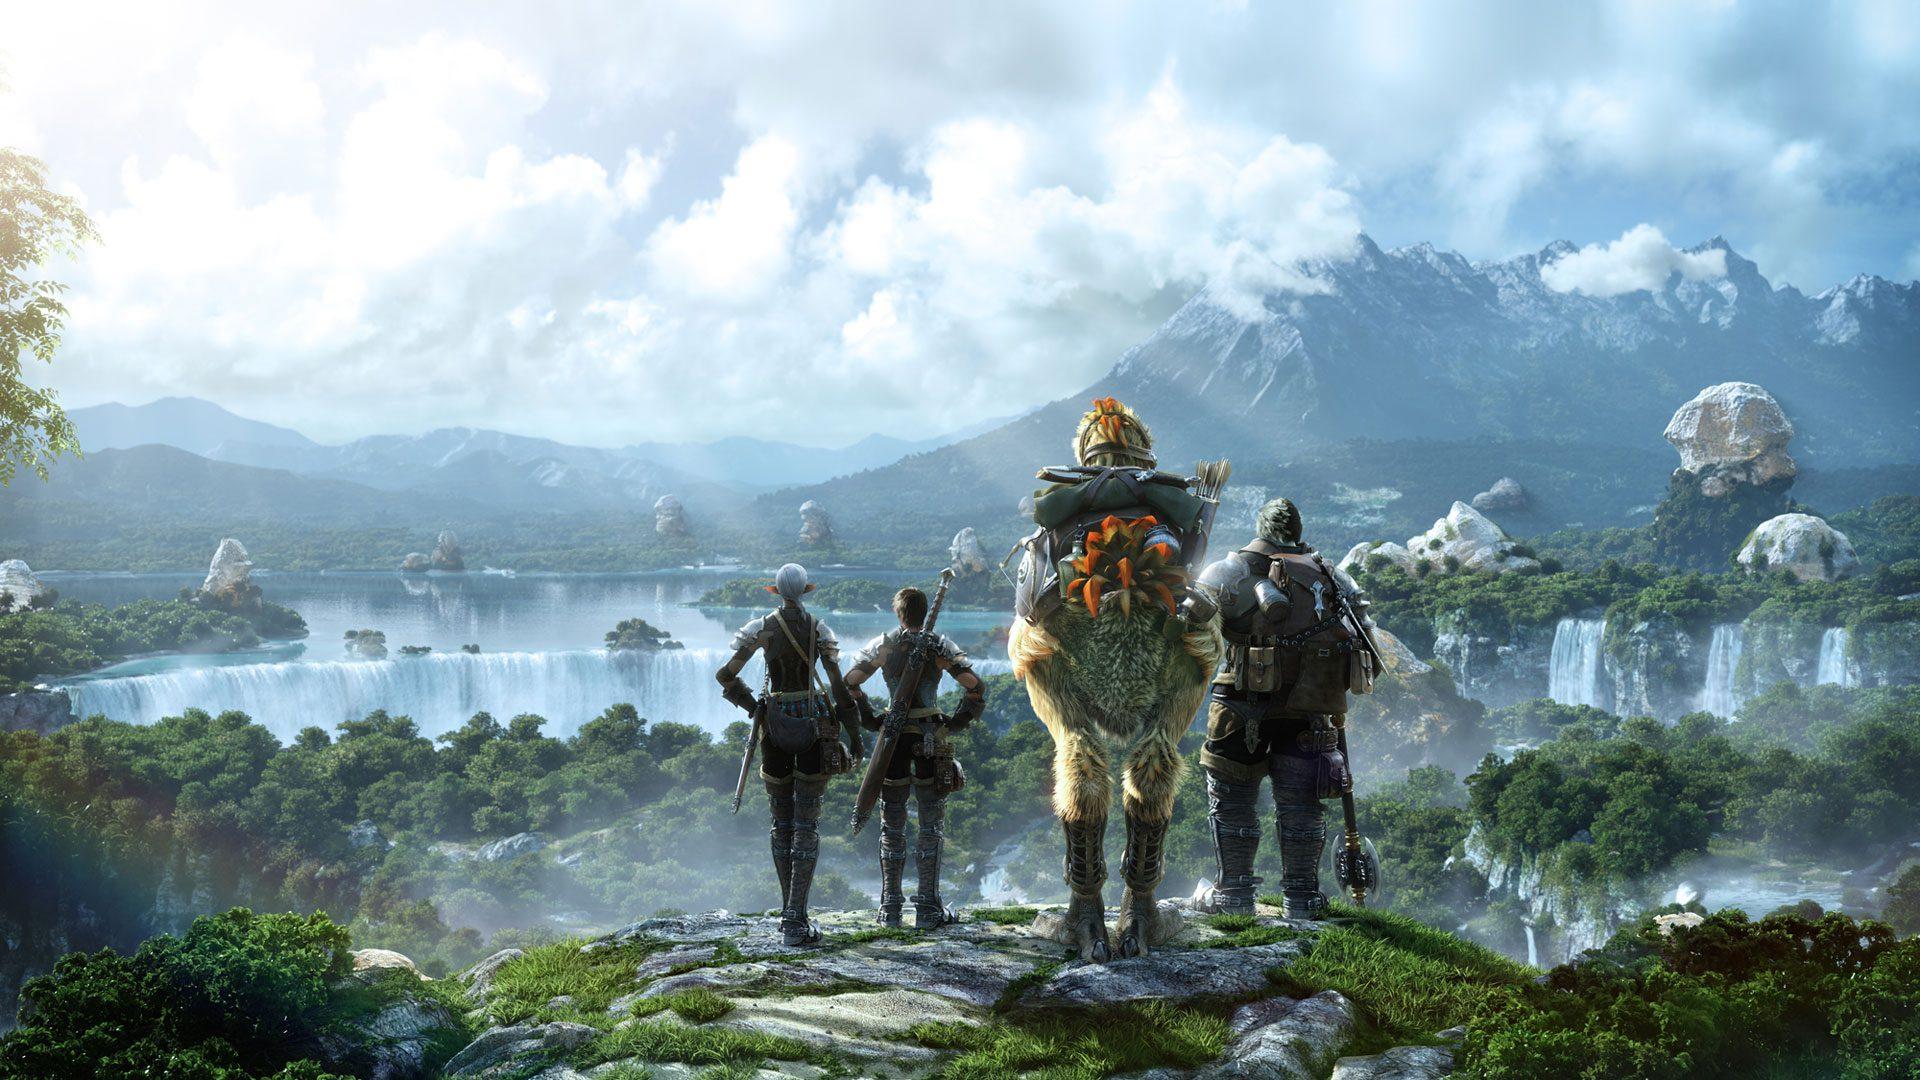 Final Fantasy XIV Online alcançou 18 milhões de jogadores registrados em todo o mundo